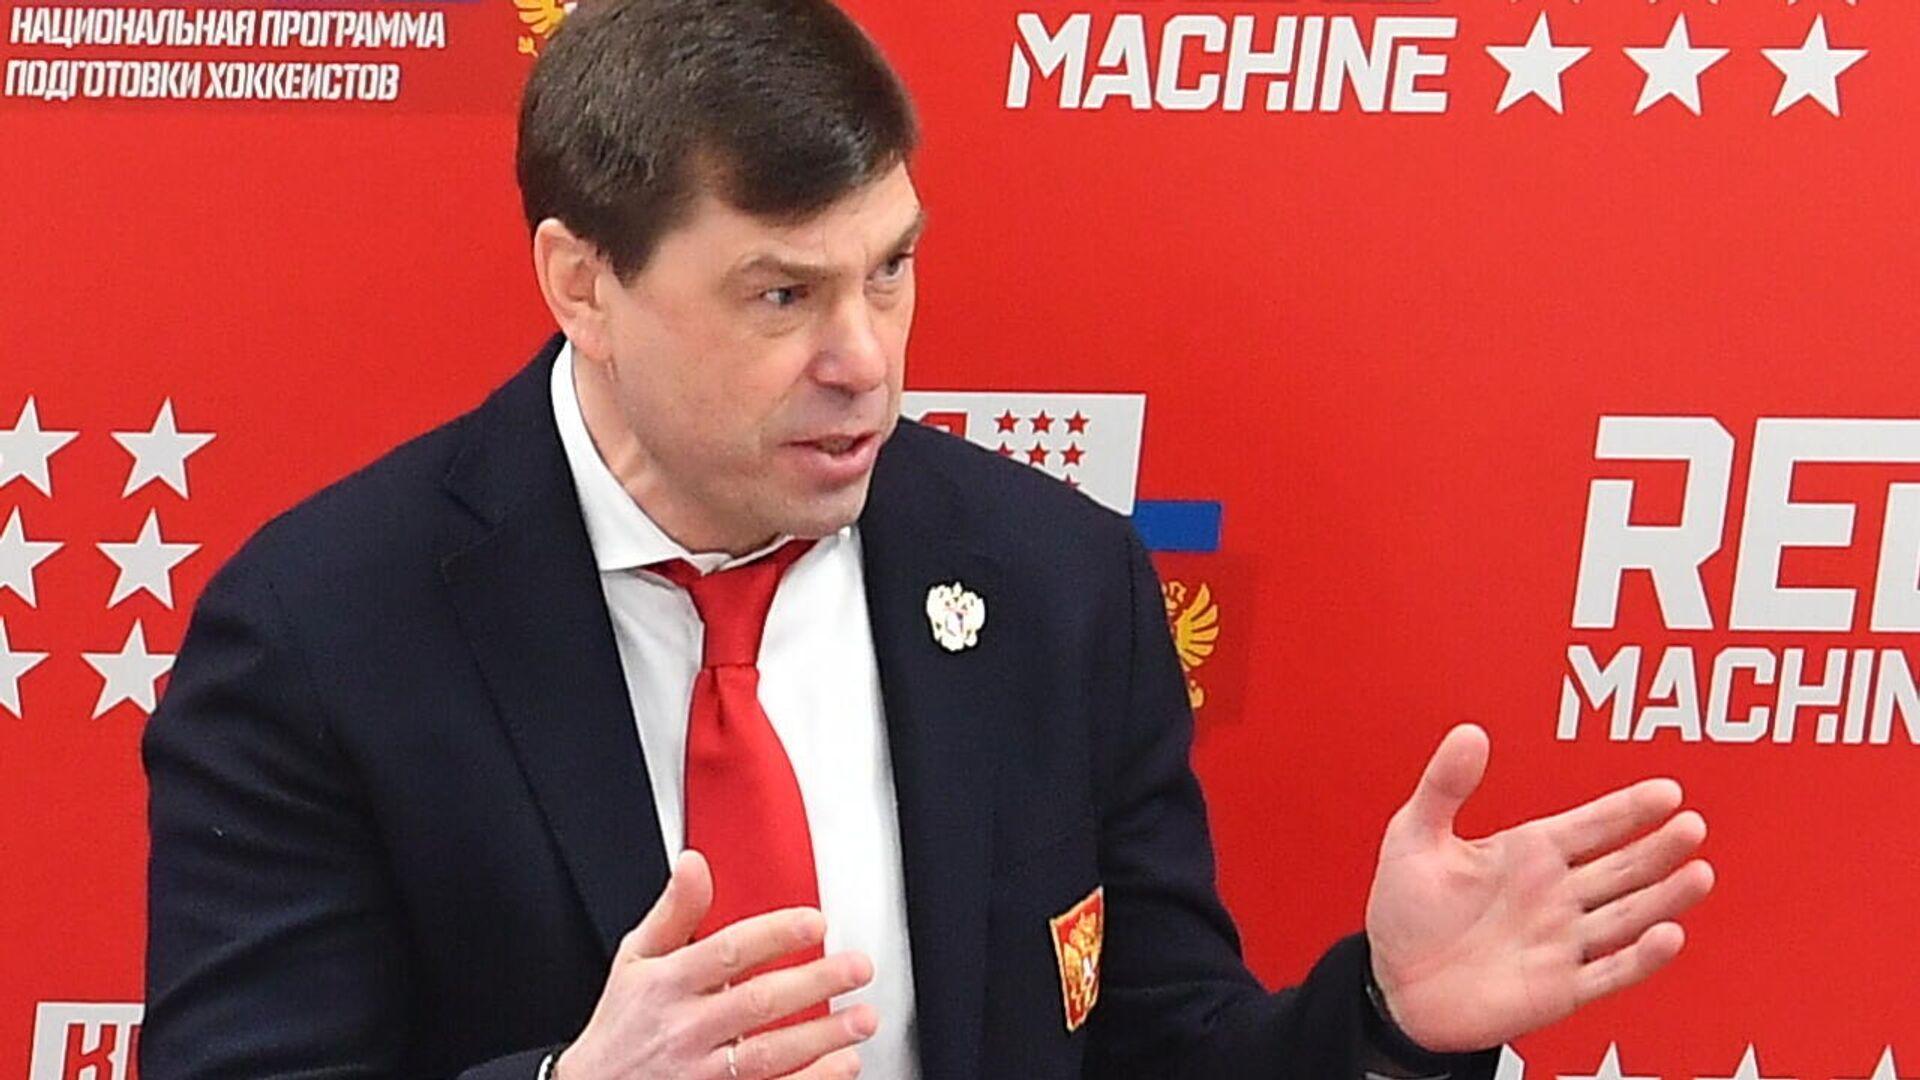 Динамо москва хоккейный клуб главный тренер плюсы ночного клуба